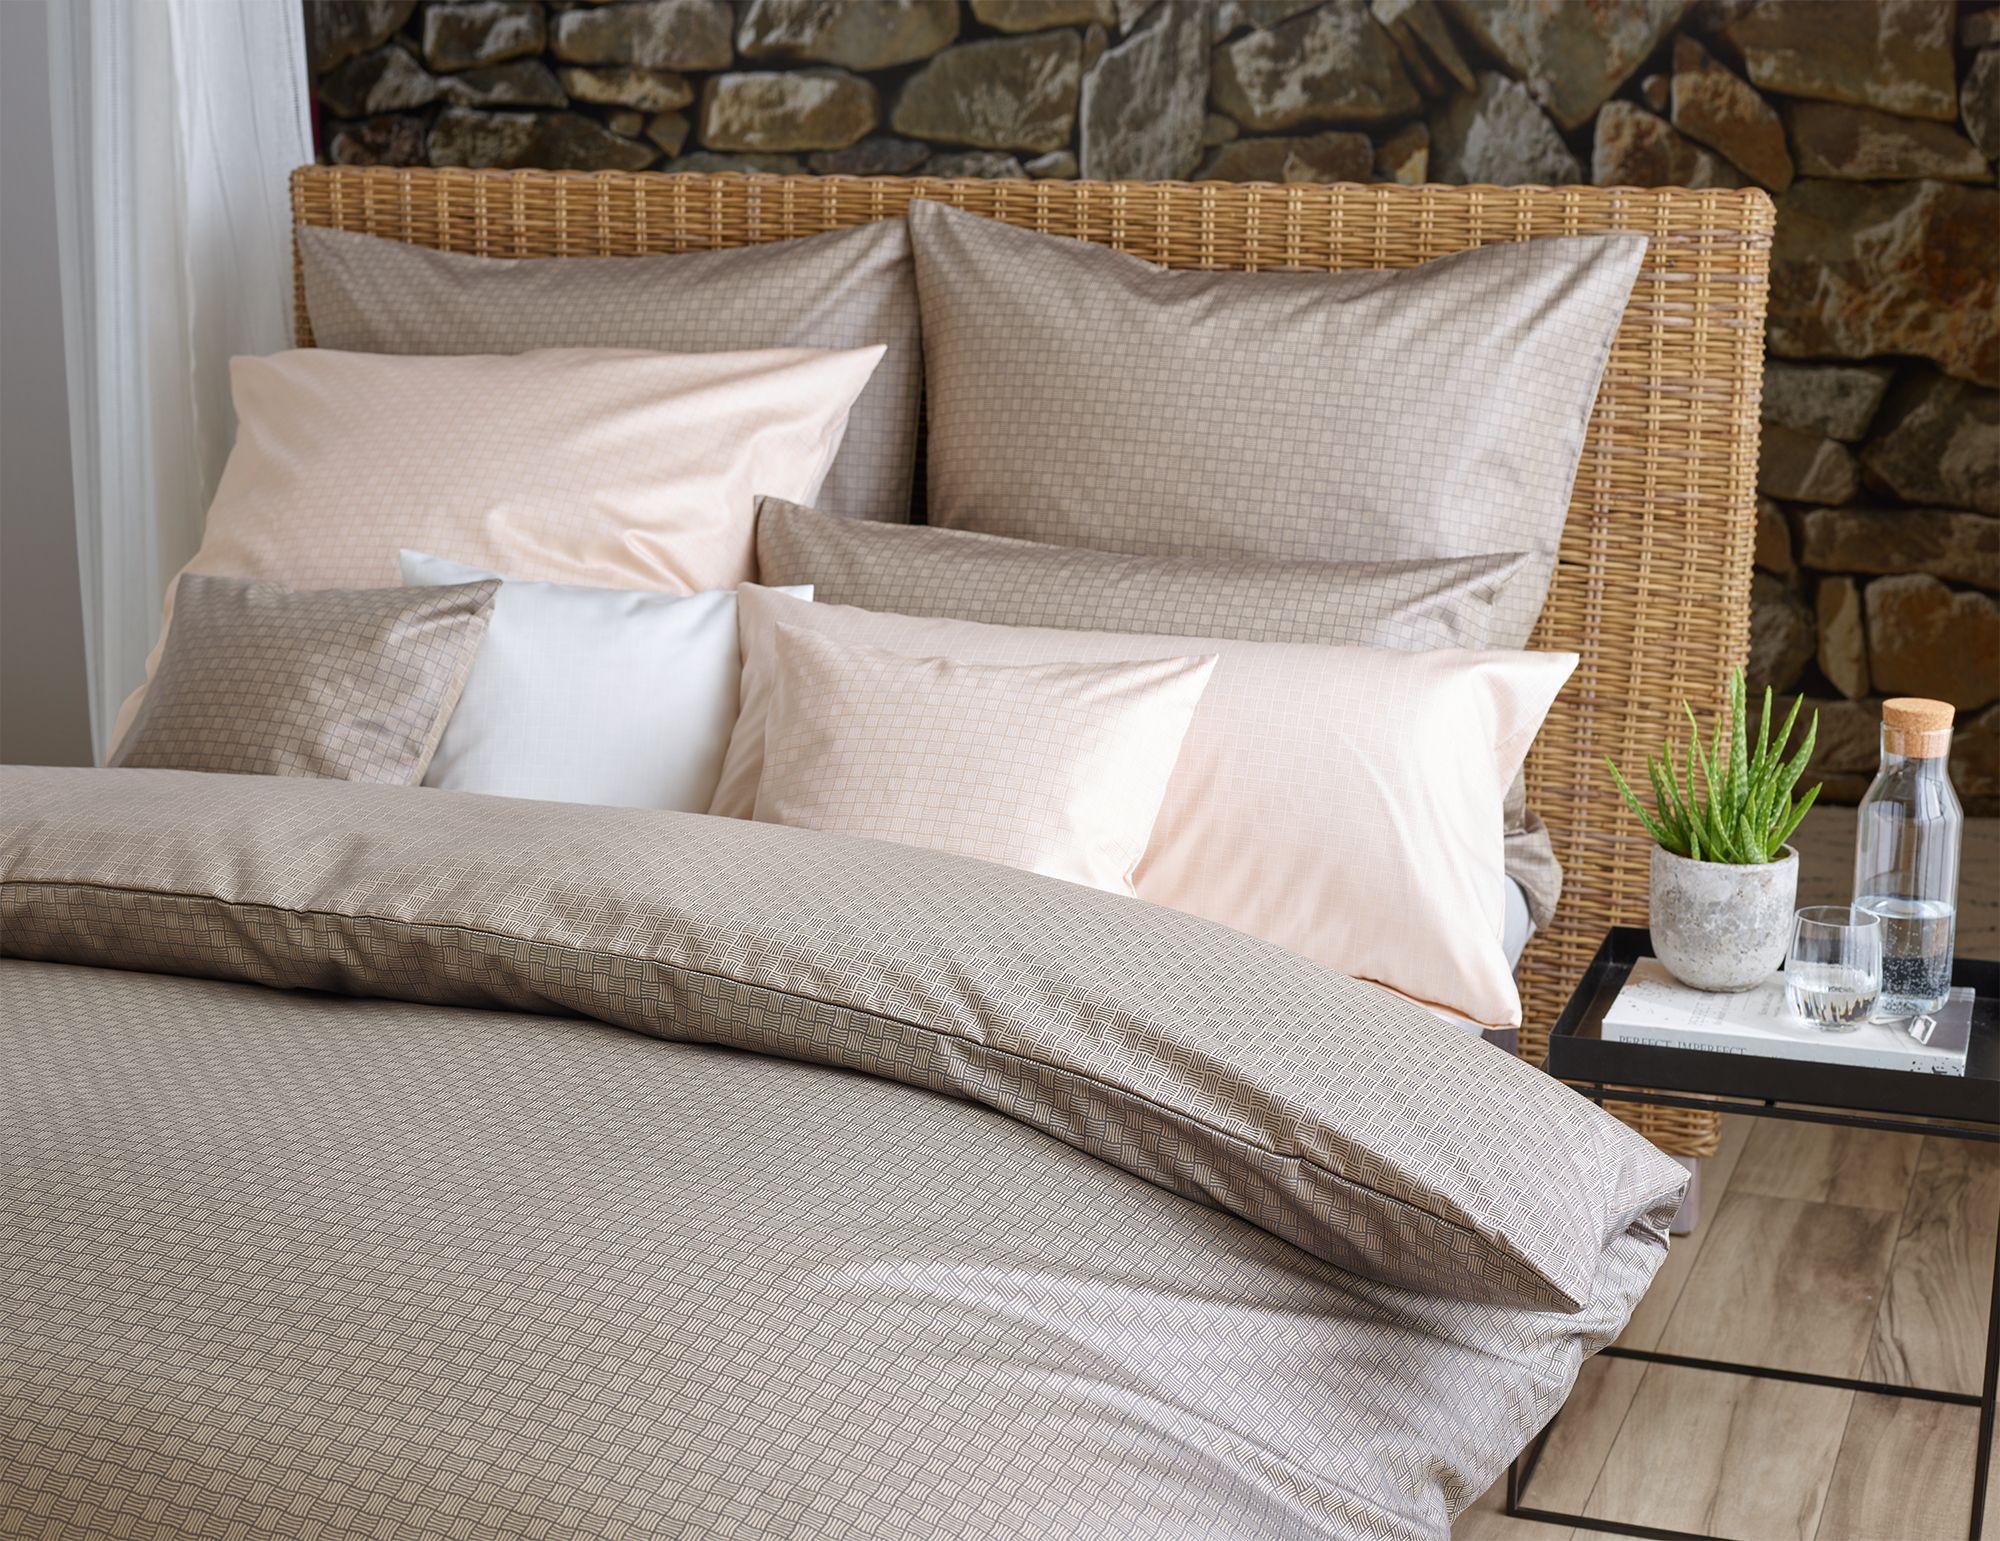 Hochwertiger Wende Brokat Damast In Kreide Sand Oder Perlgrau Bettwasche Schlafzimmer Design Bett